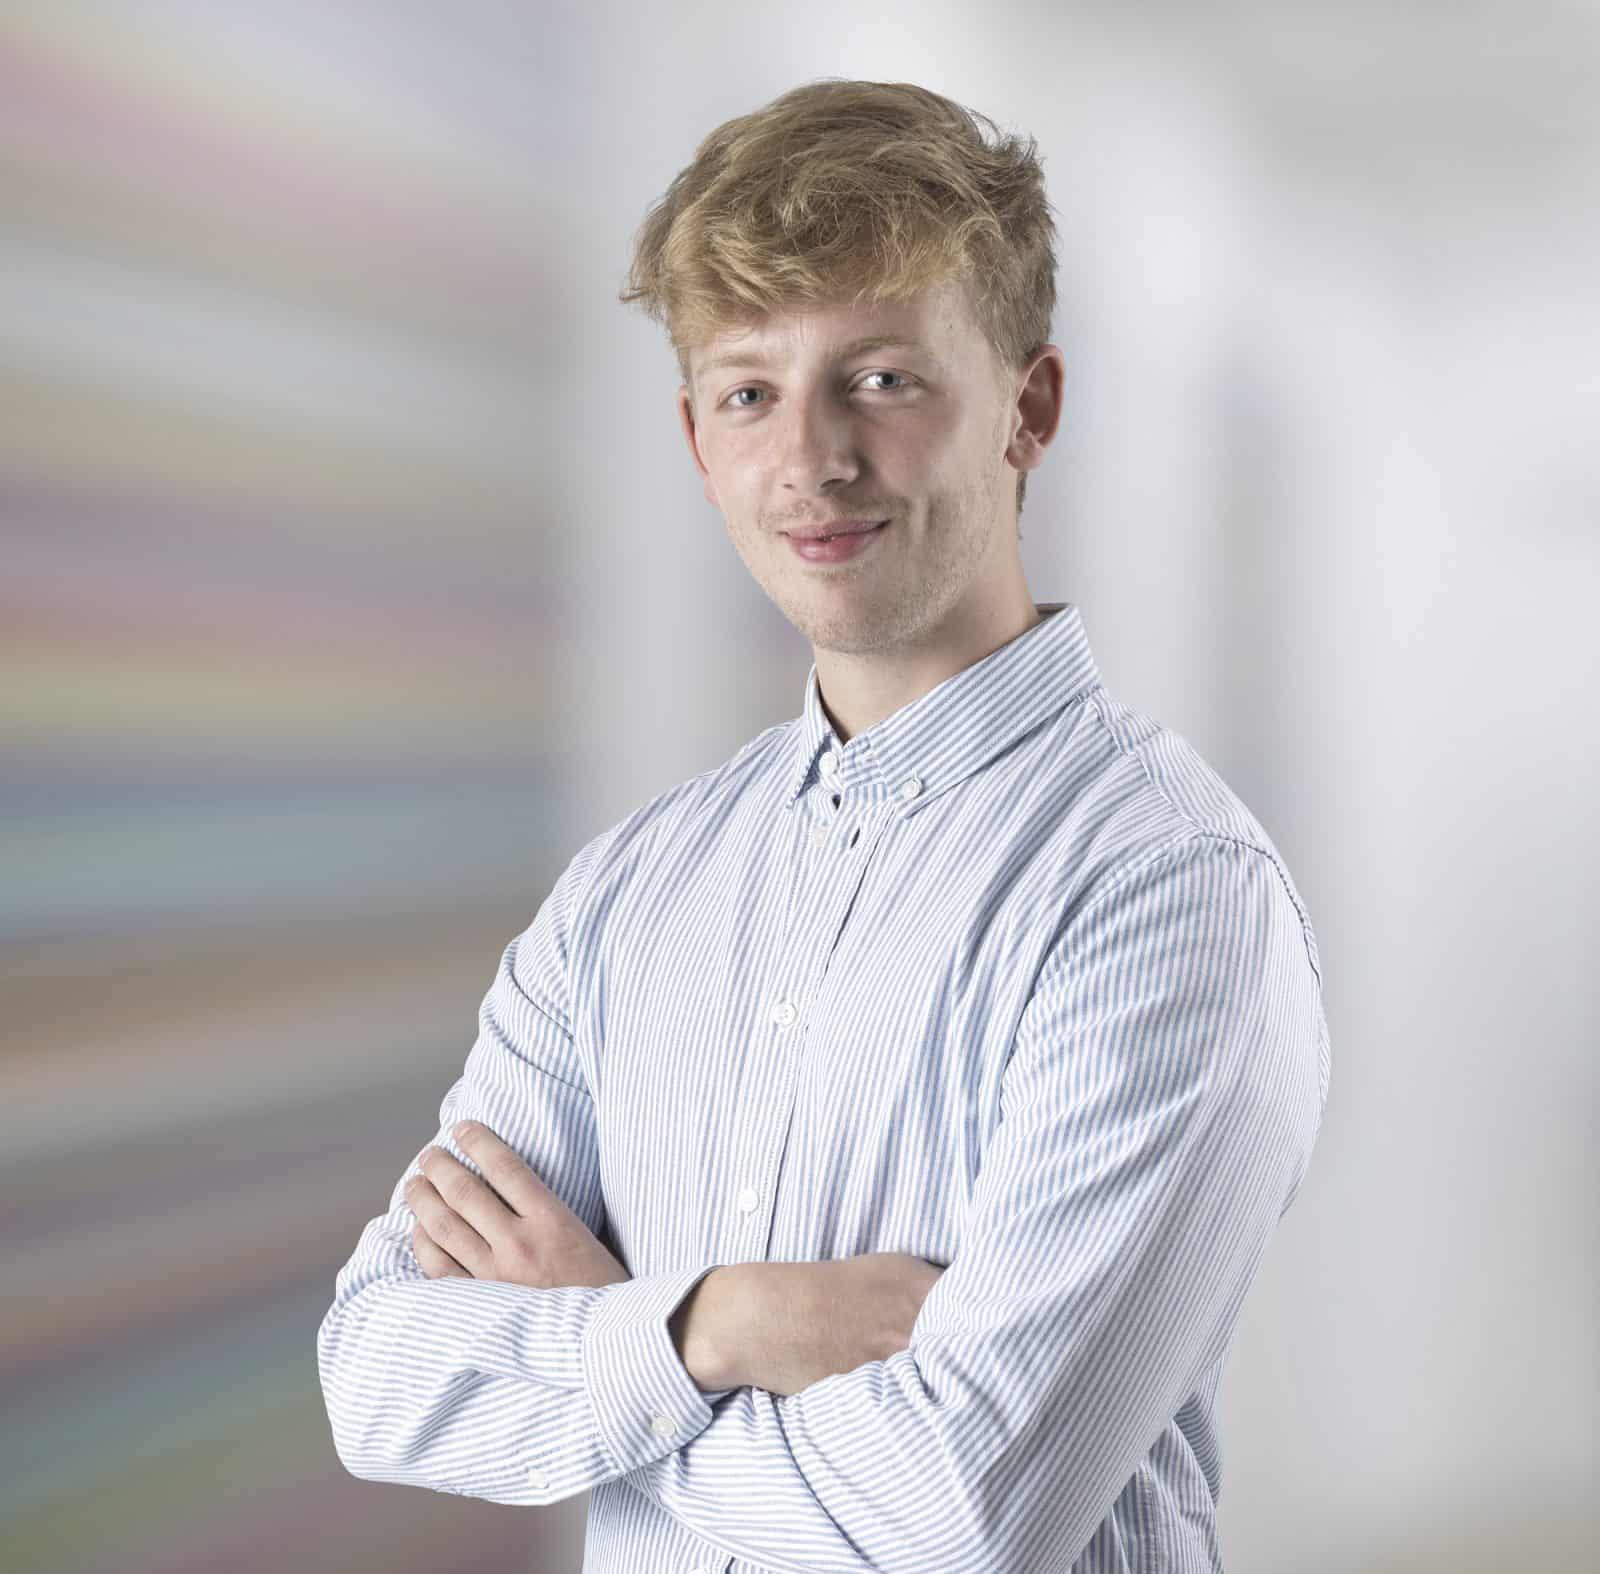 Emil Midjord Christensen